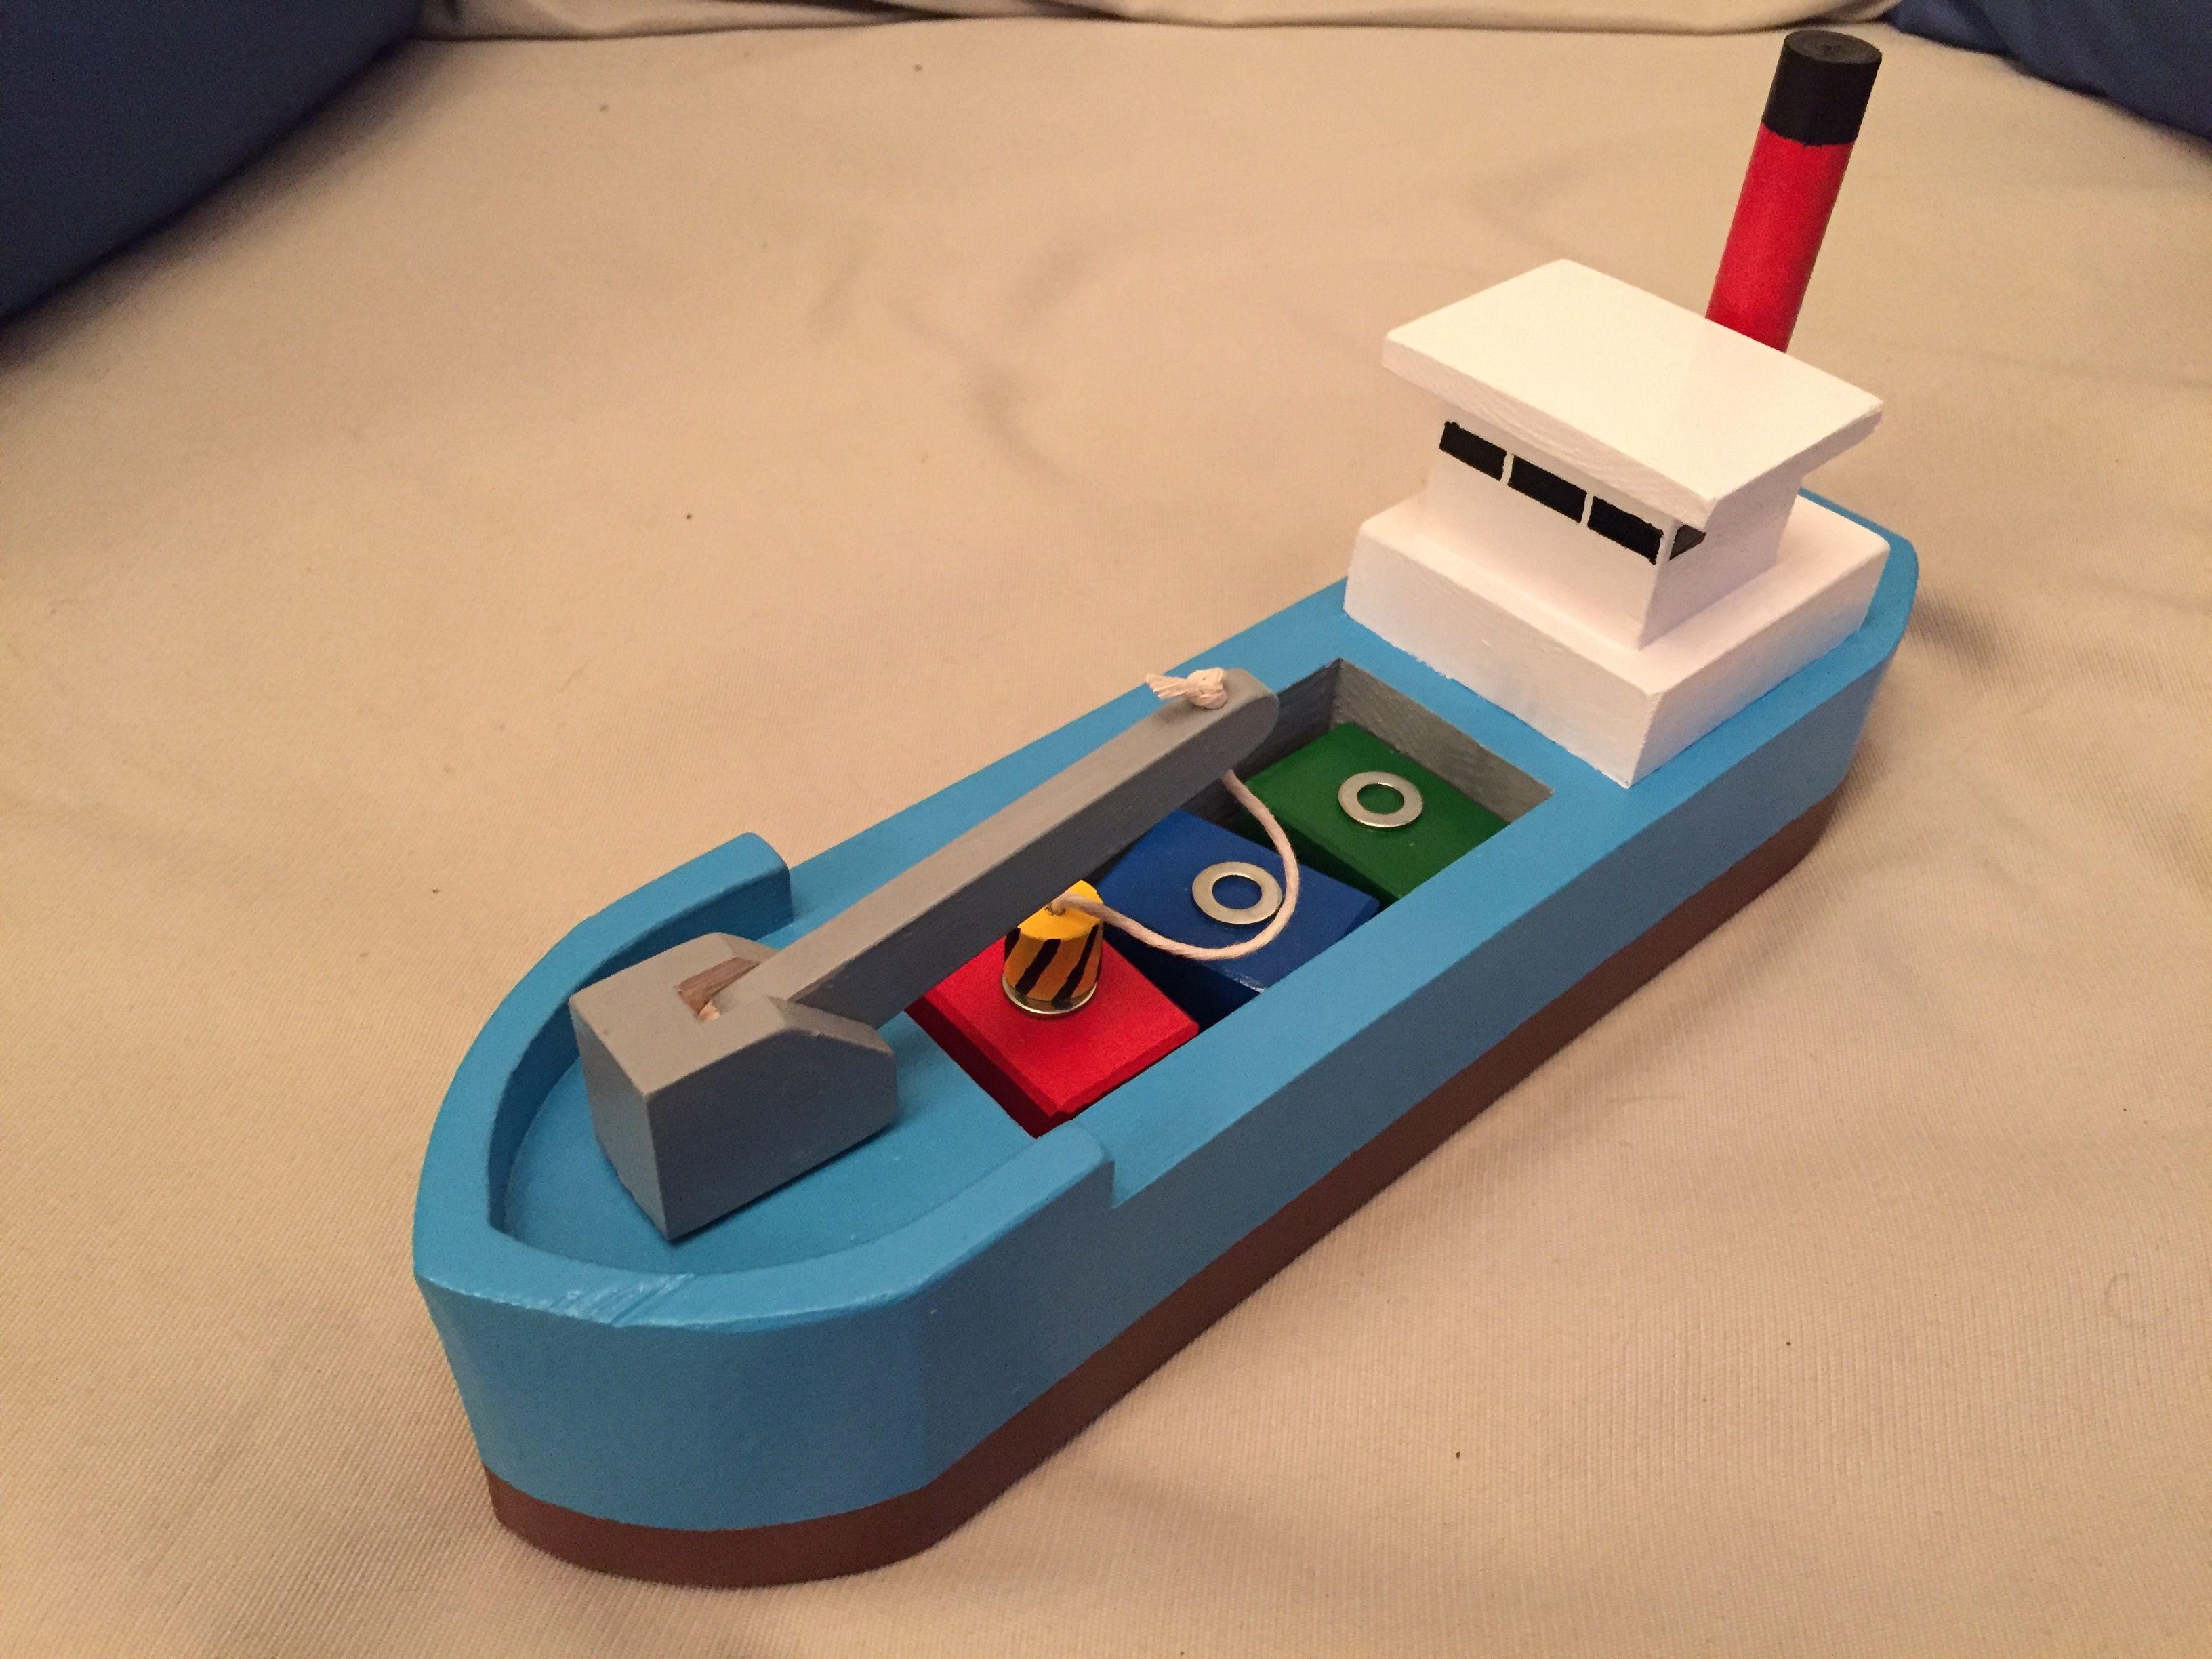 wooden toy cargo ship | dřevěné hračky/wooden toys | wooden